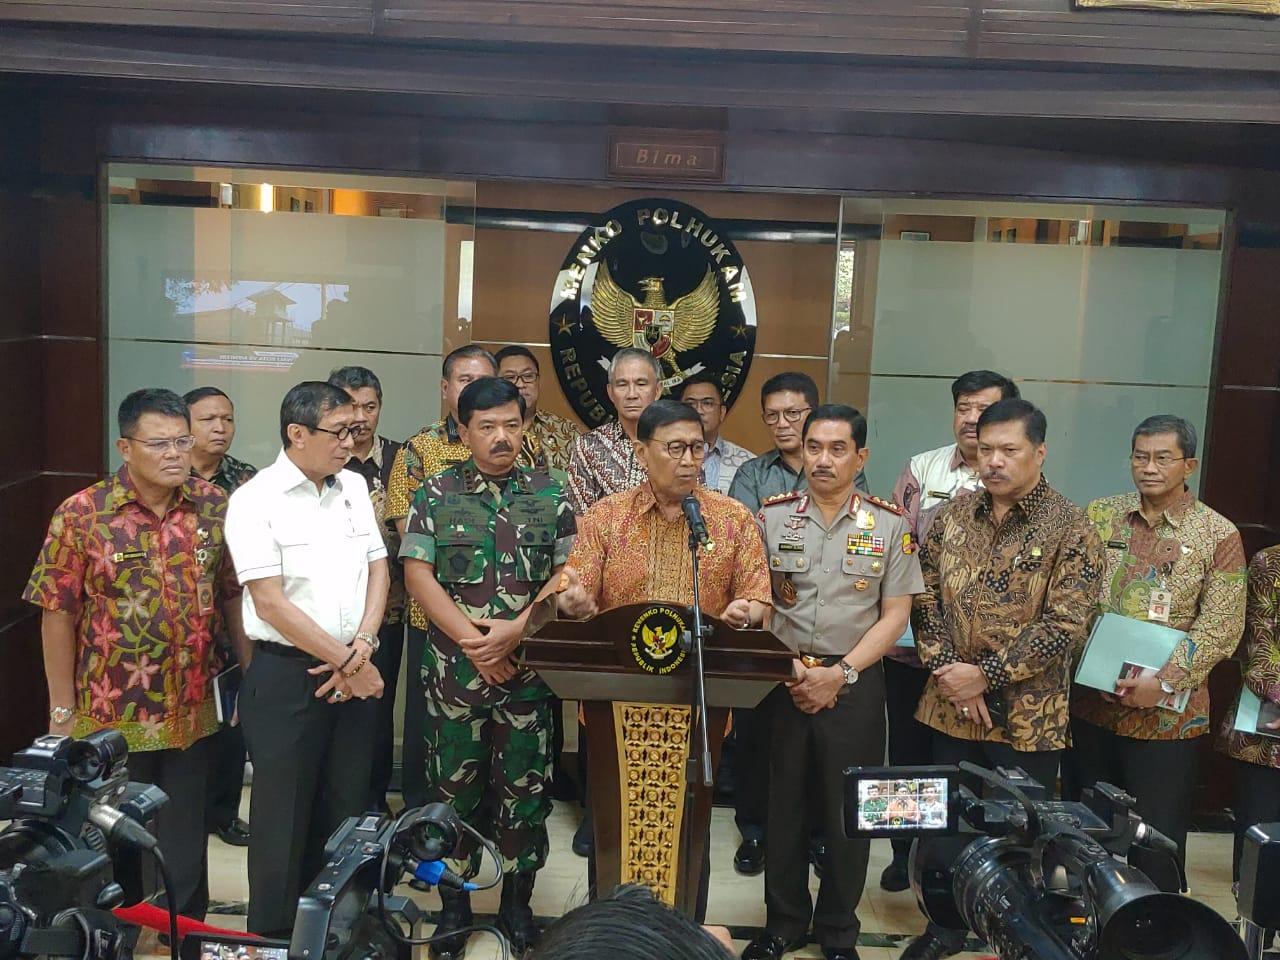 Pemerintah Bentuk Tim Khusus Tangani Eks ISIS asal Indonesia